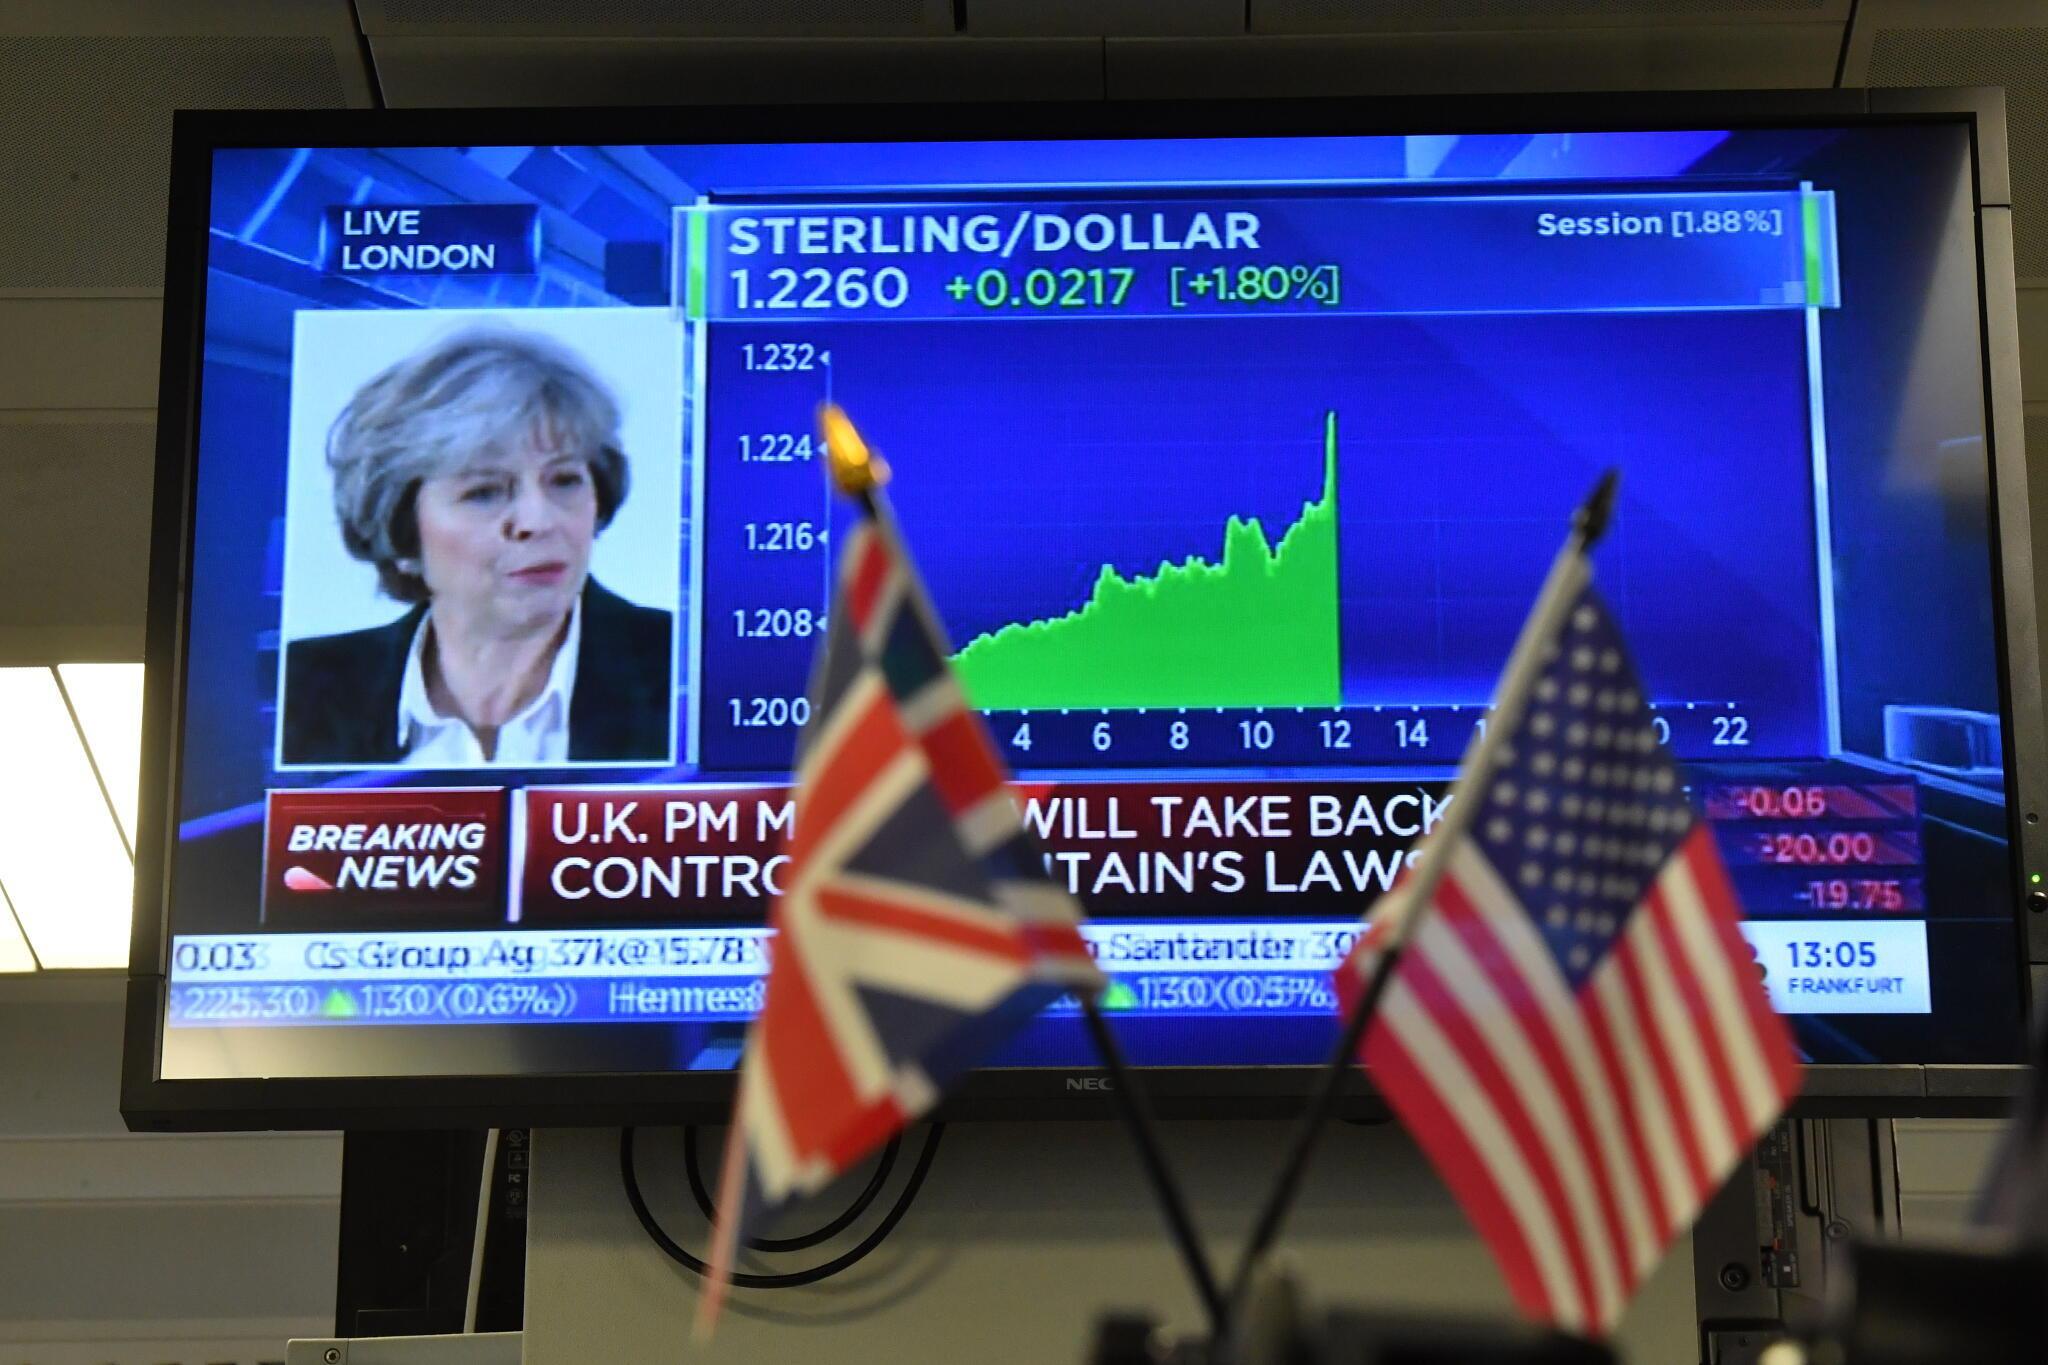 La livre est remontée face au dollar et à l'euro, durant le discours de Theresa May, ce mardi 17 janvier 2017.